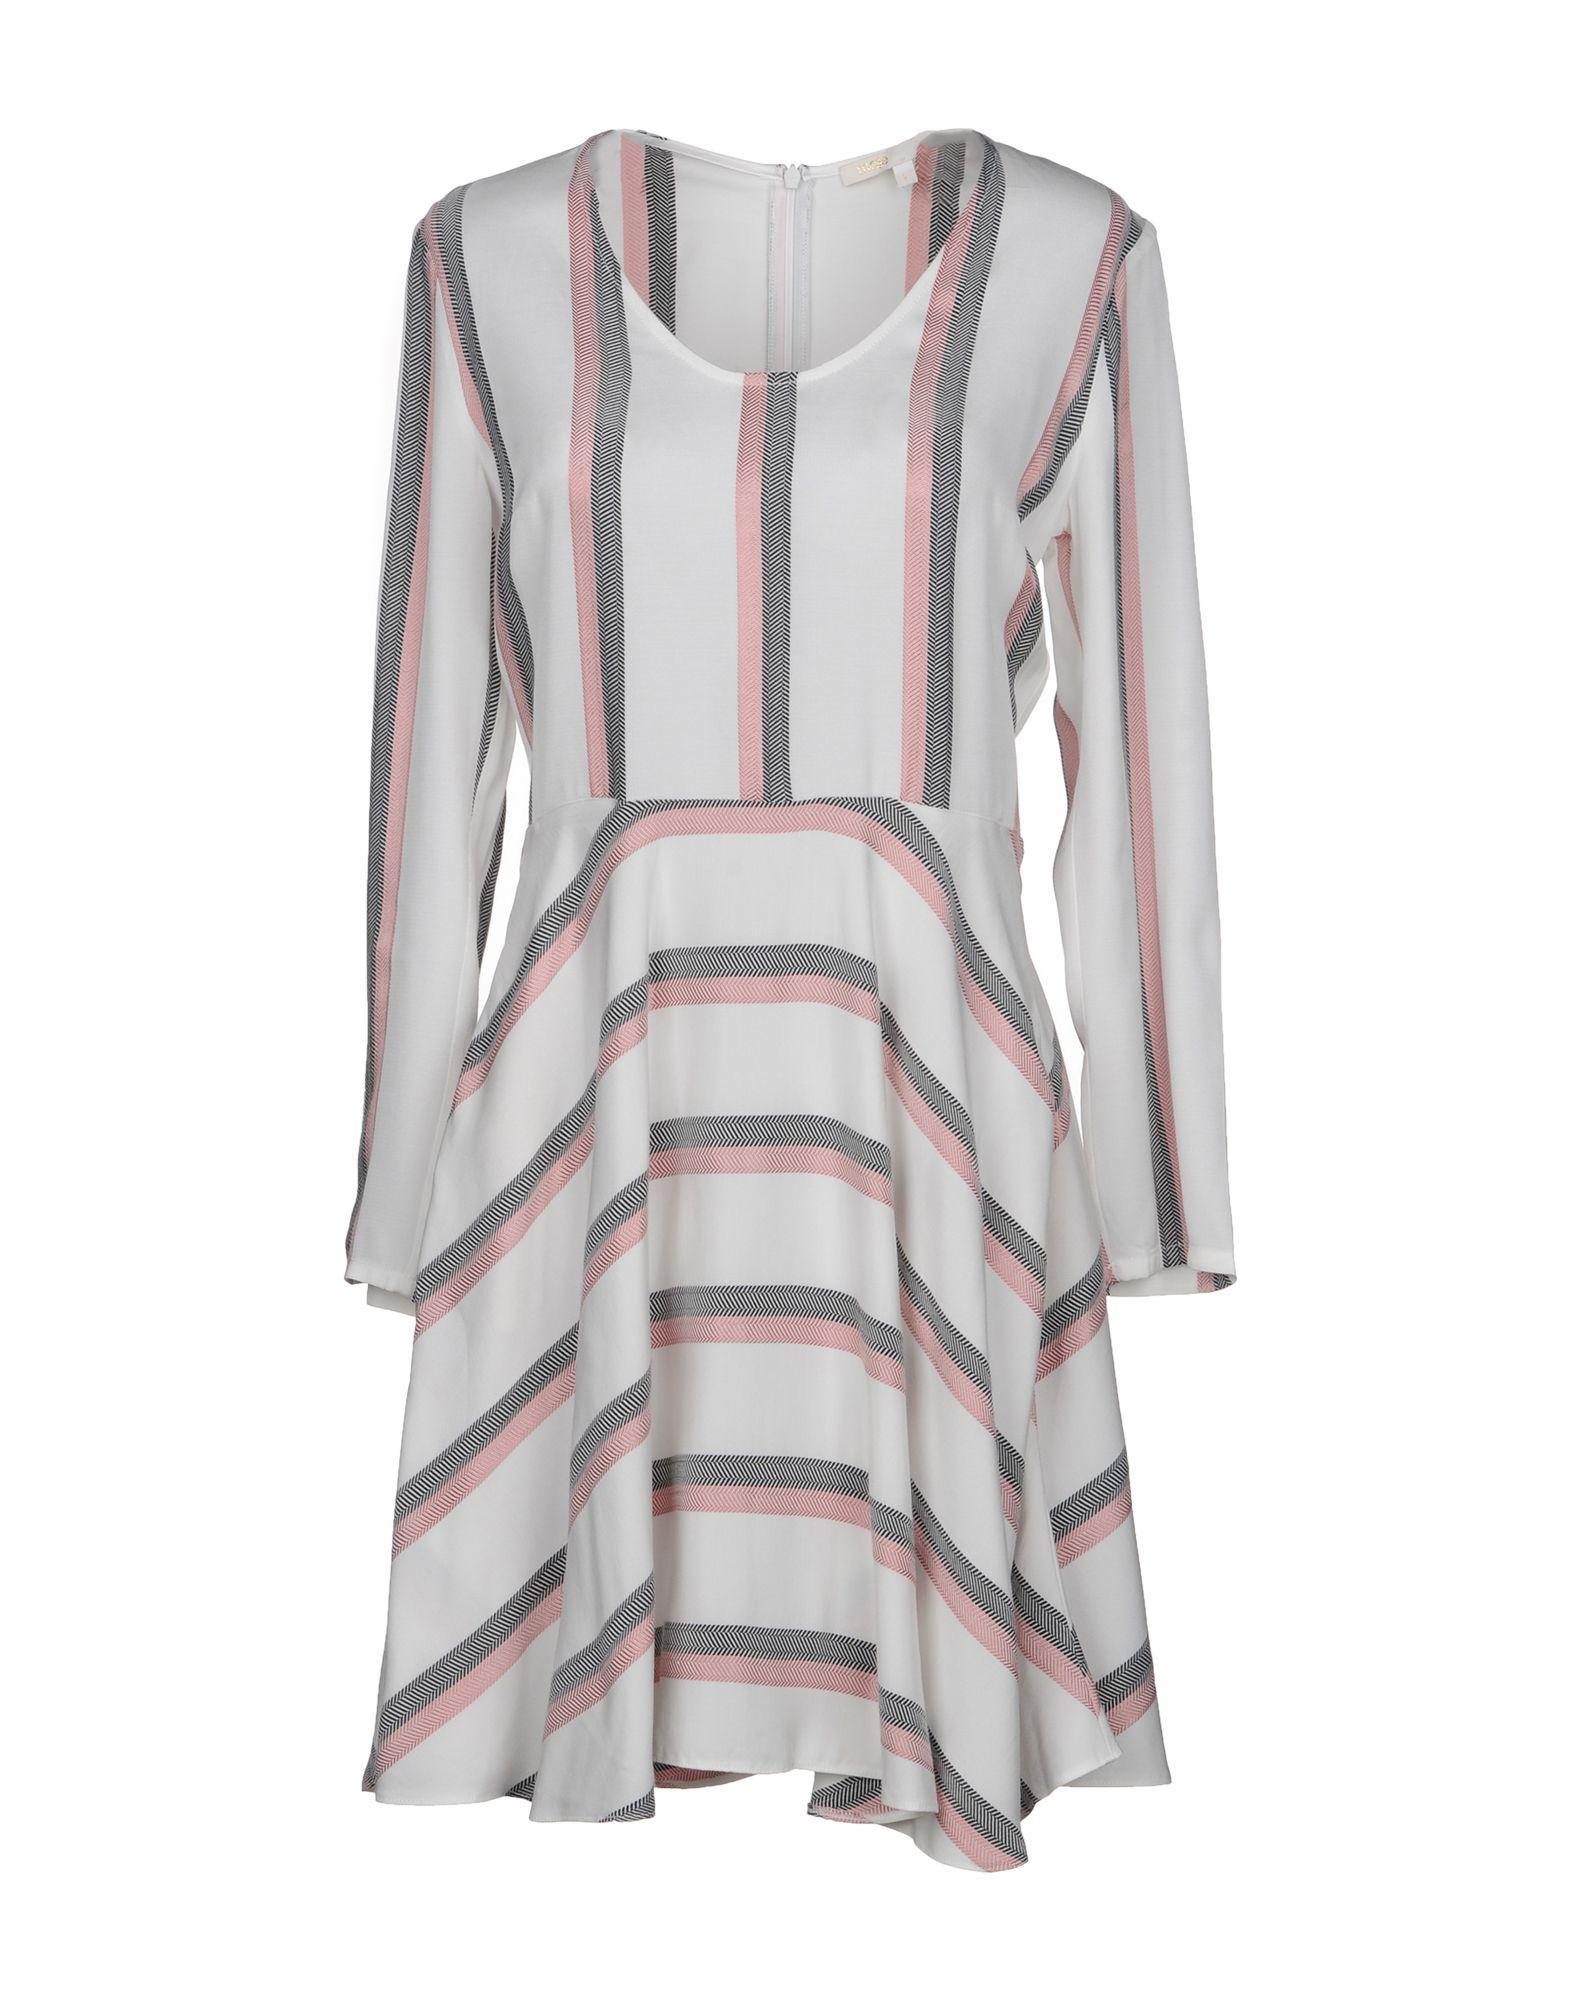 Maje Short Dress In White